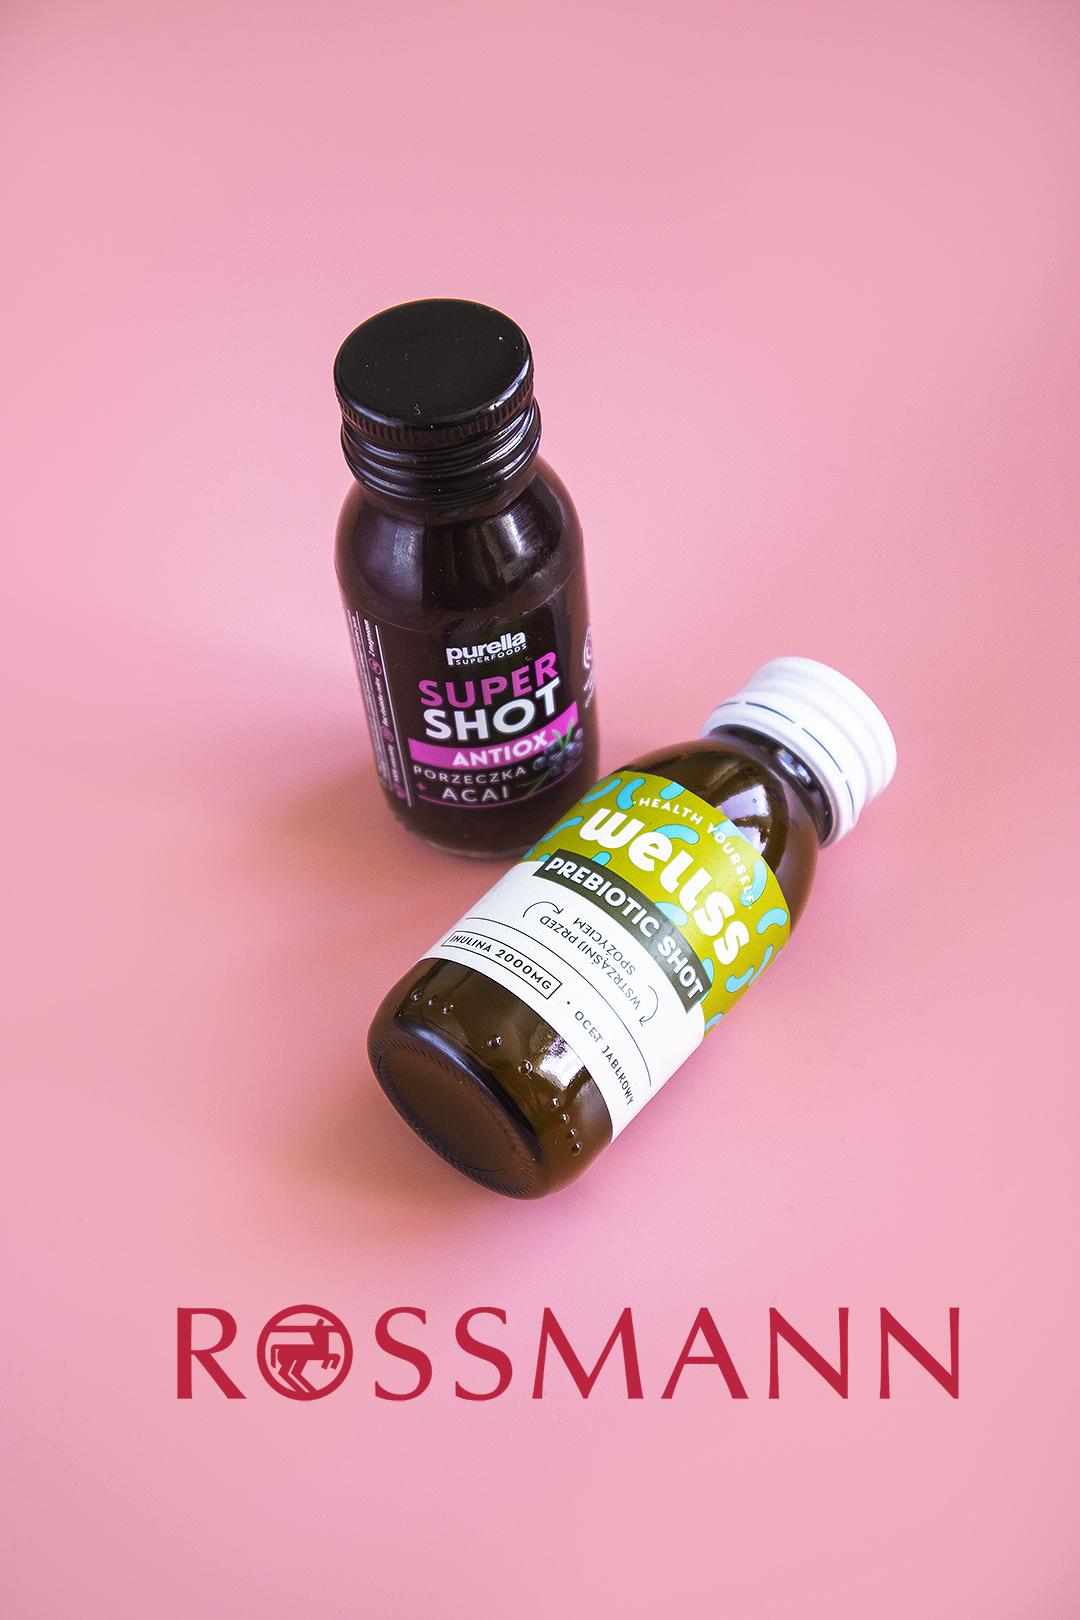 zakupy z dietetykiem, zdrowe produkty Rossmann